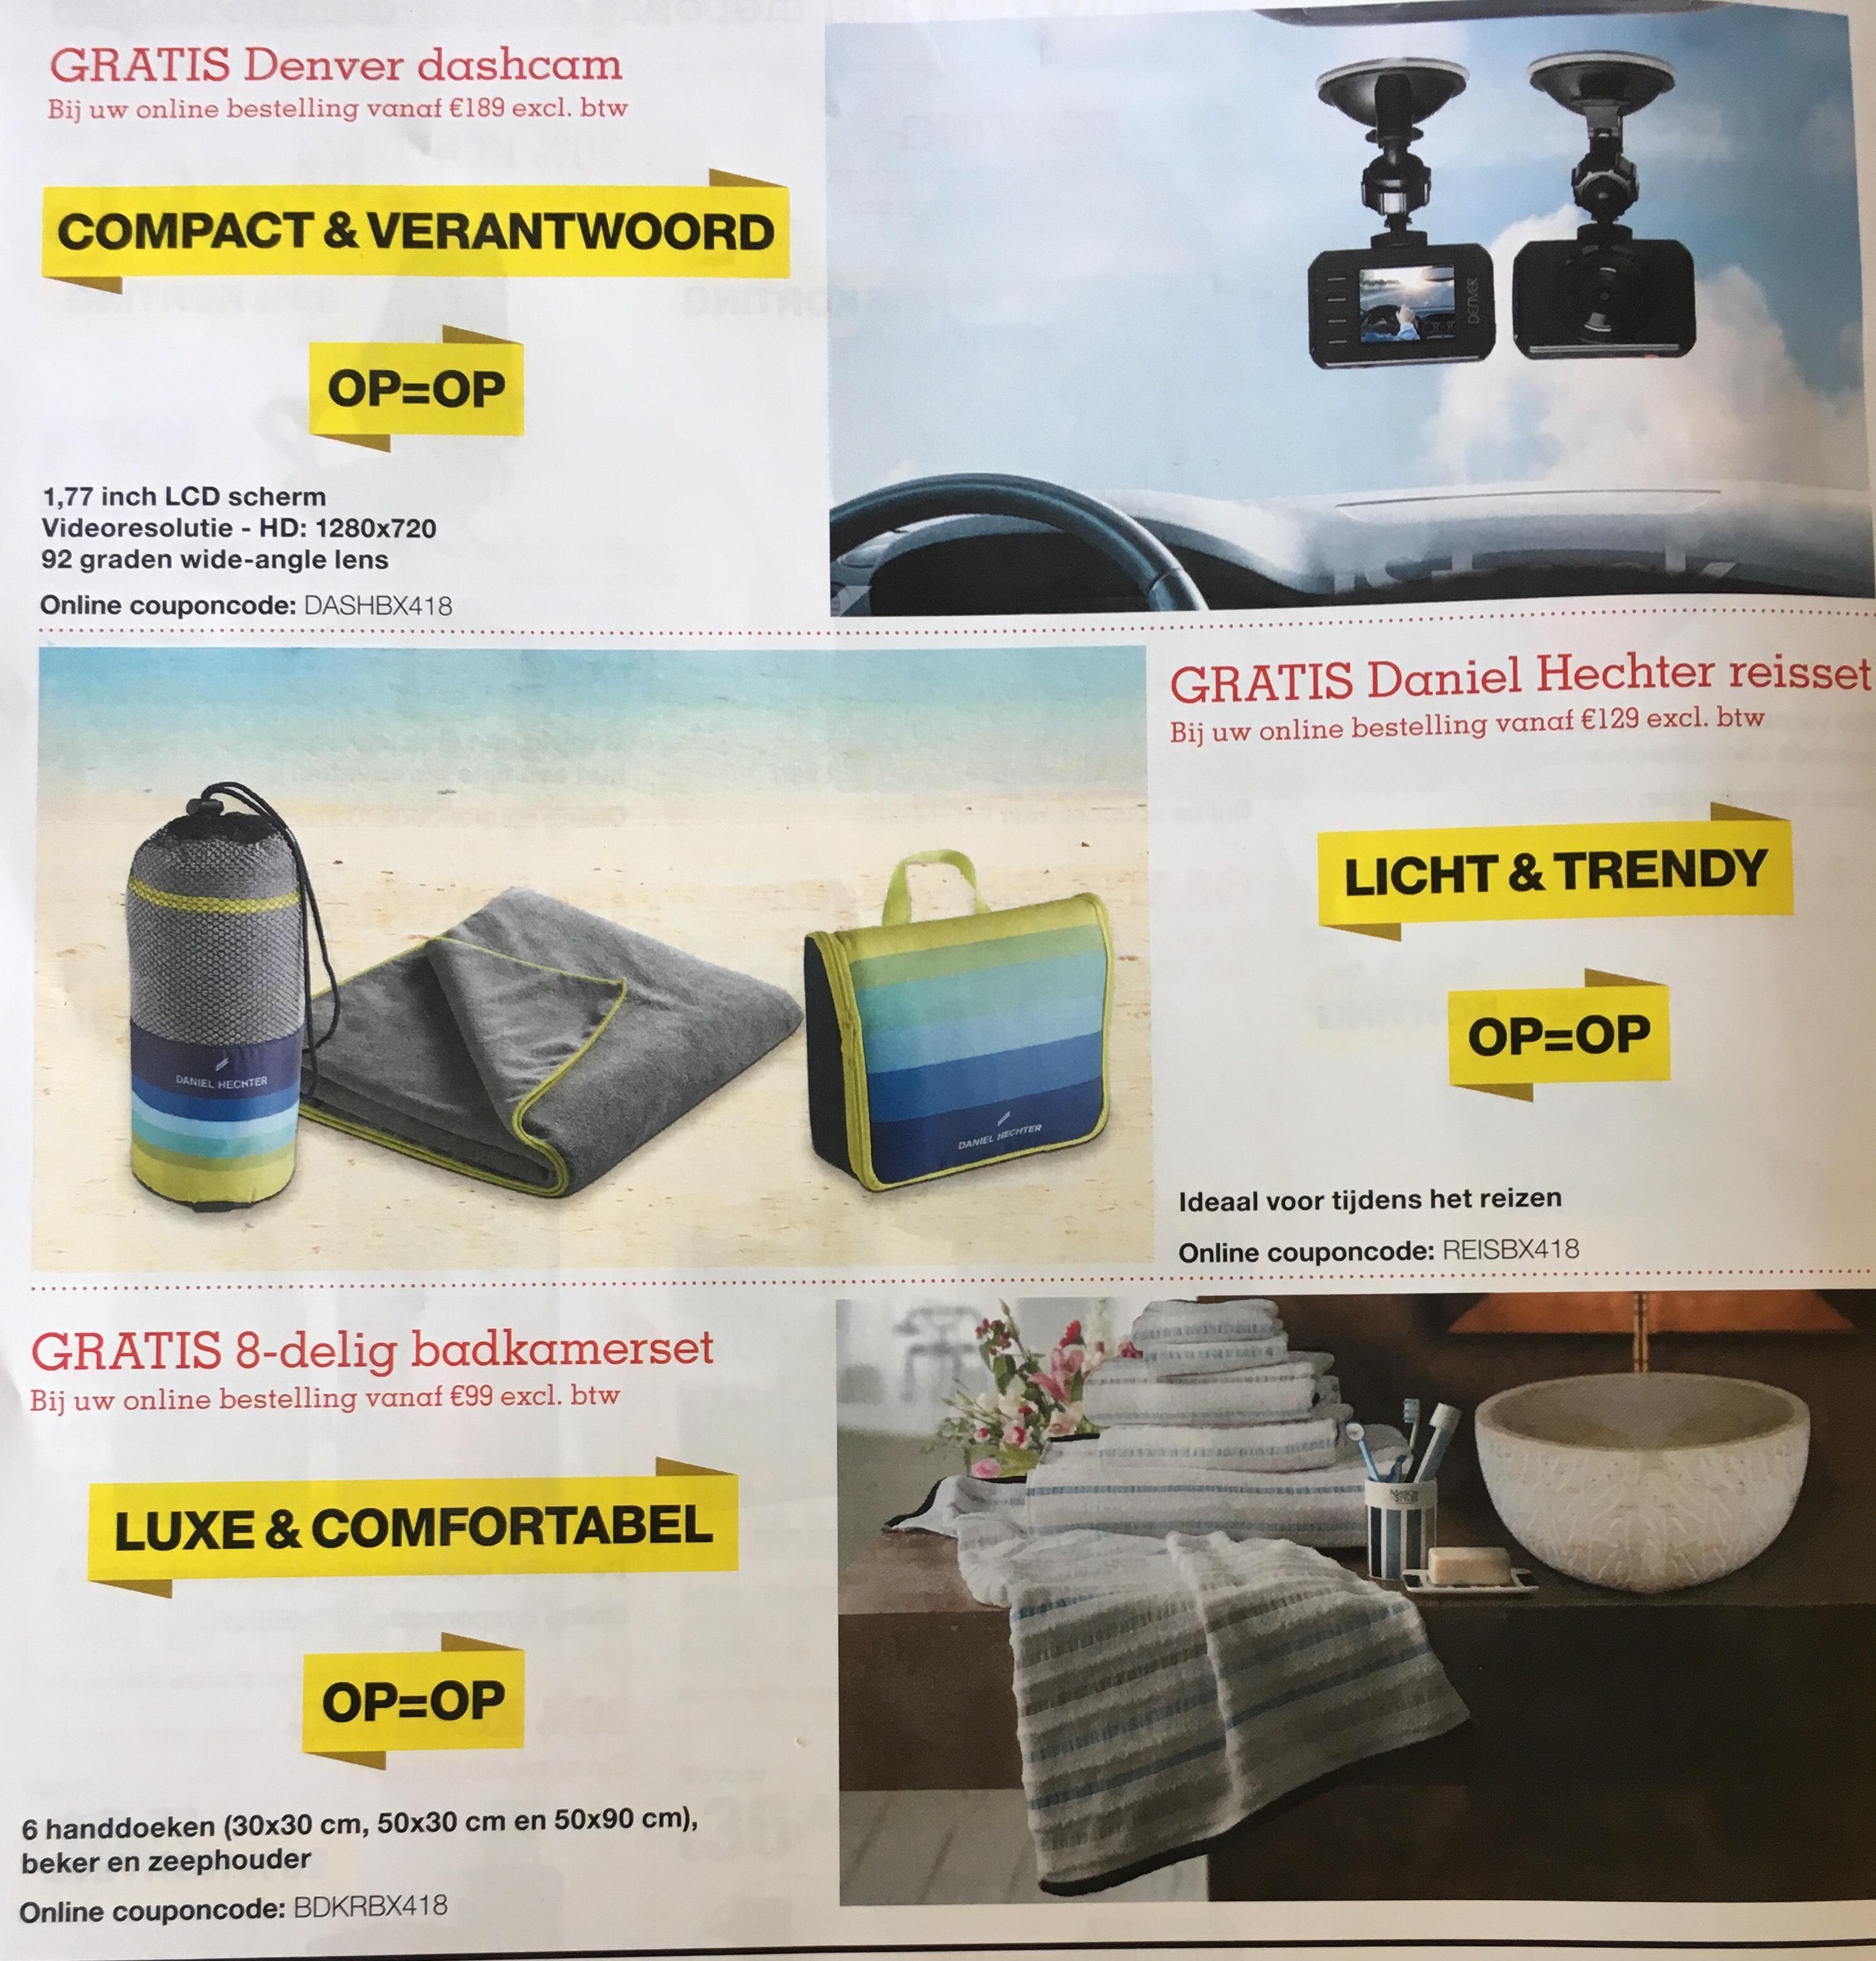 Online couponcode staples (Dashcam, Reisset en Badkamerset)